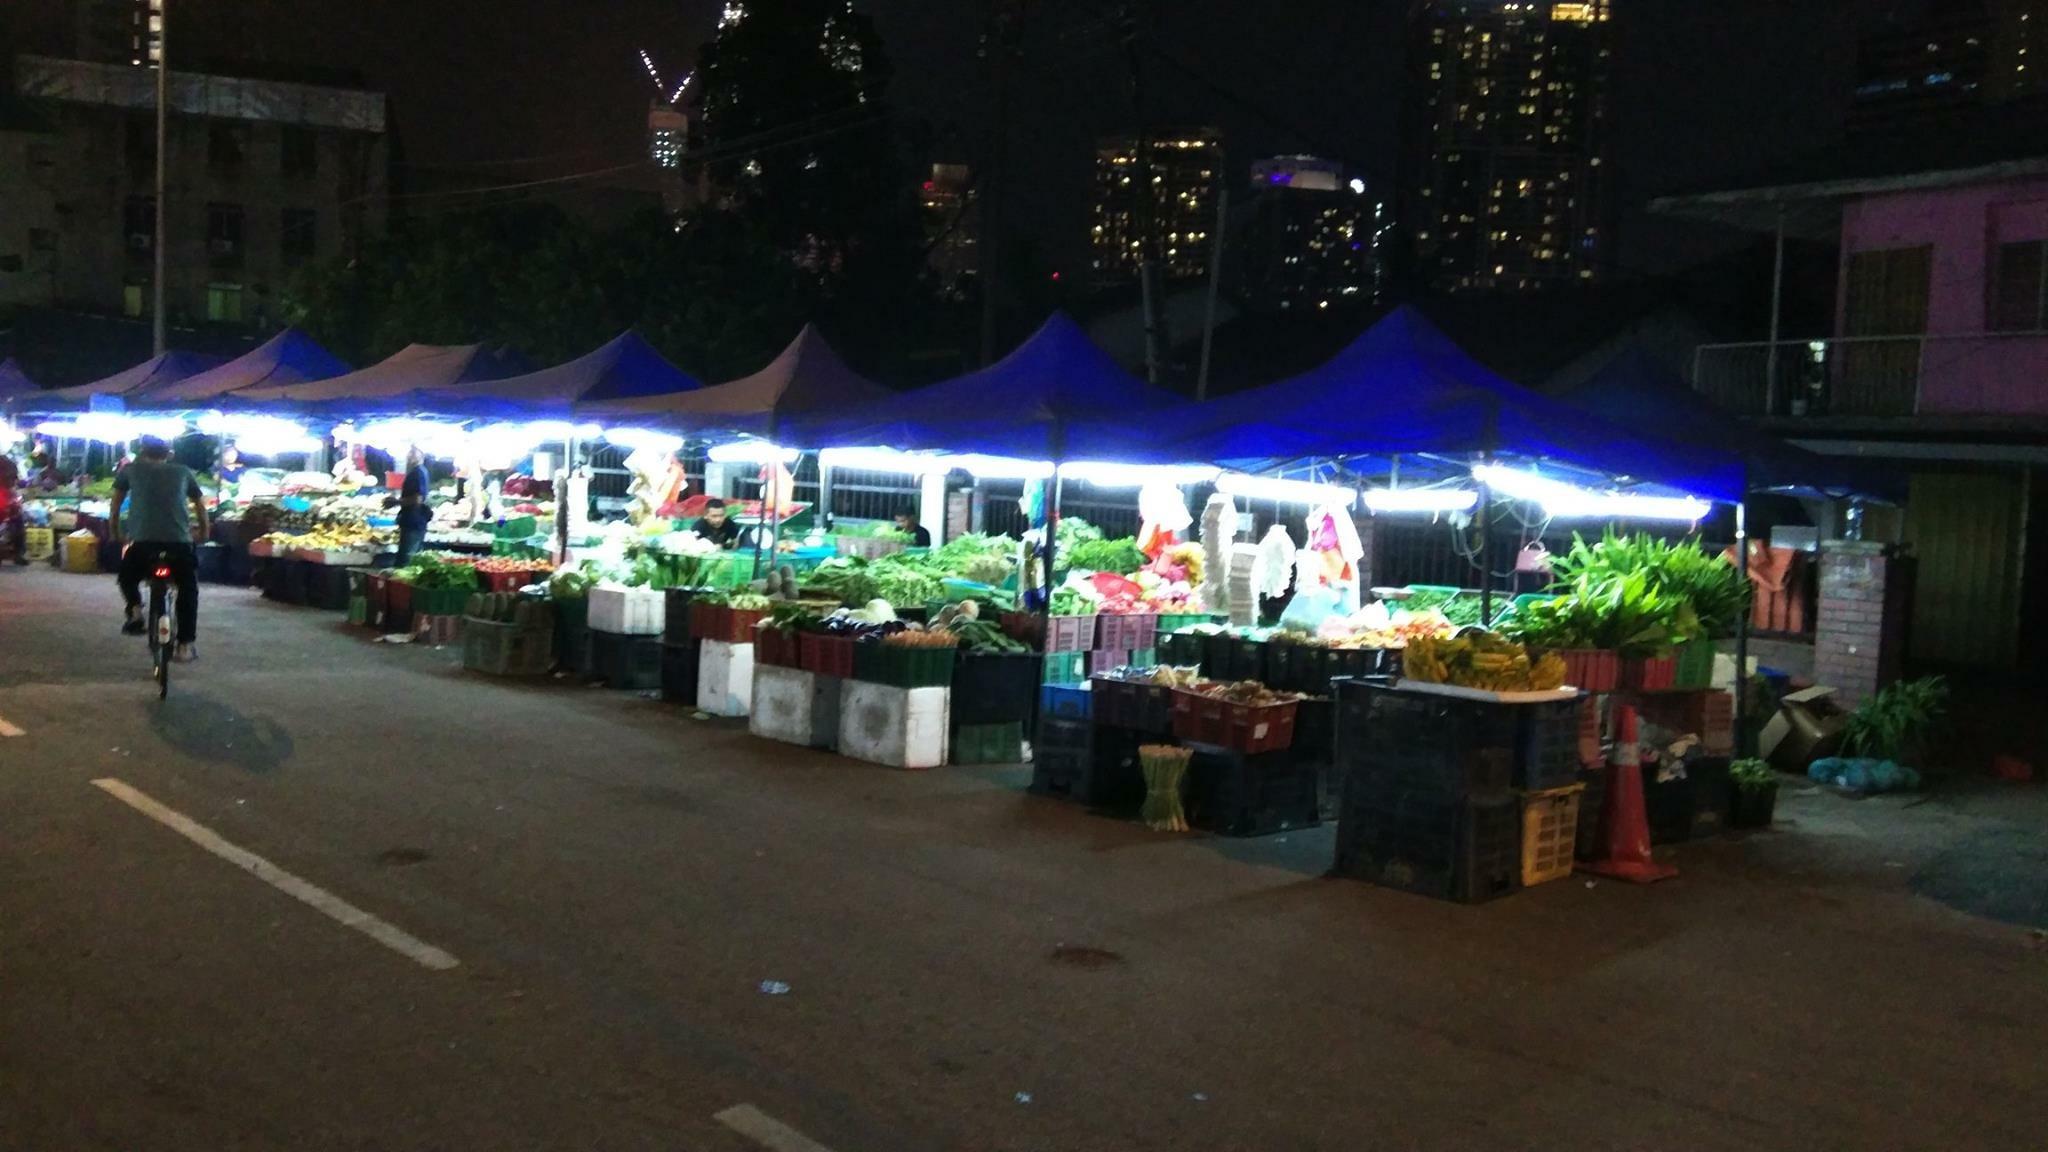 Wet Market of Kampung Baru